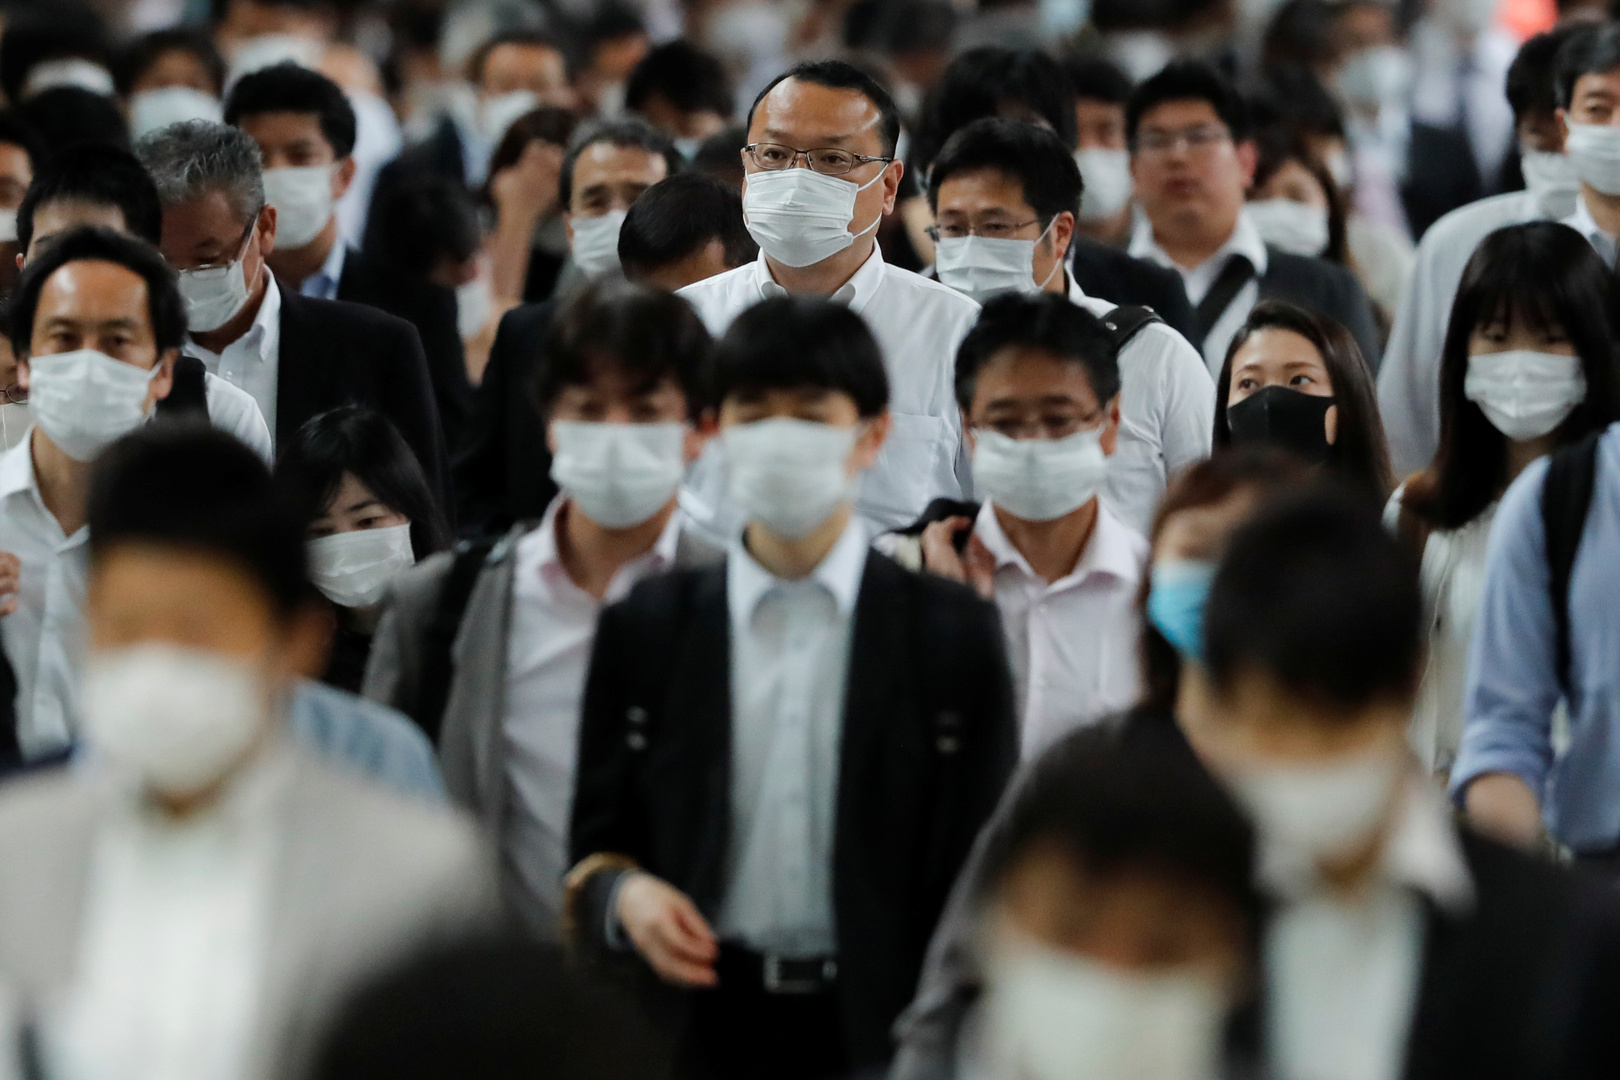 طوكيو تسجل زيادة قياسية جديدة في الإصابات بفيروس كورونا